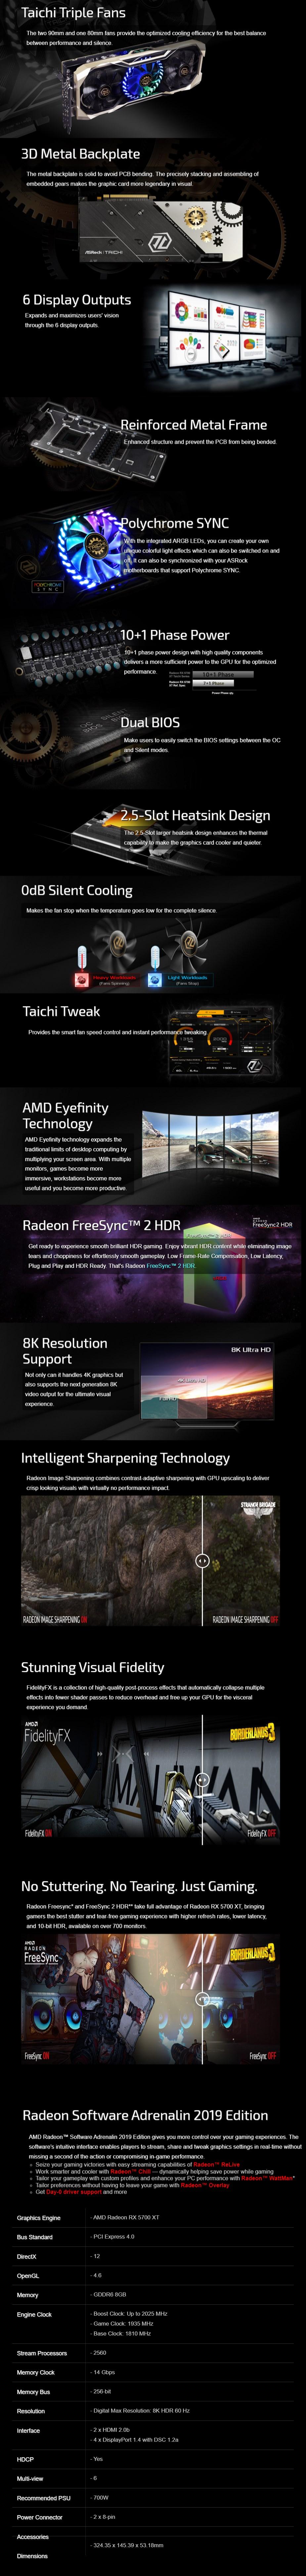 ASRock Radeon RX 5700 XT Taichi X 8GB OC+ ARGB Video Card - Overview 1